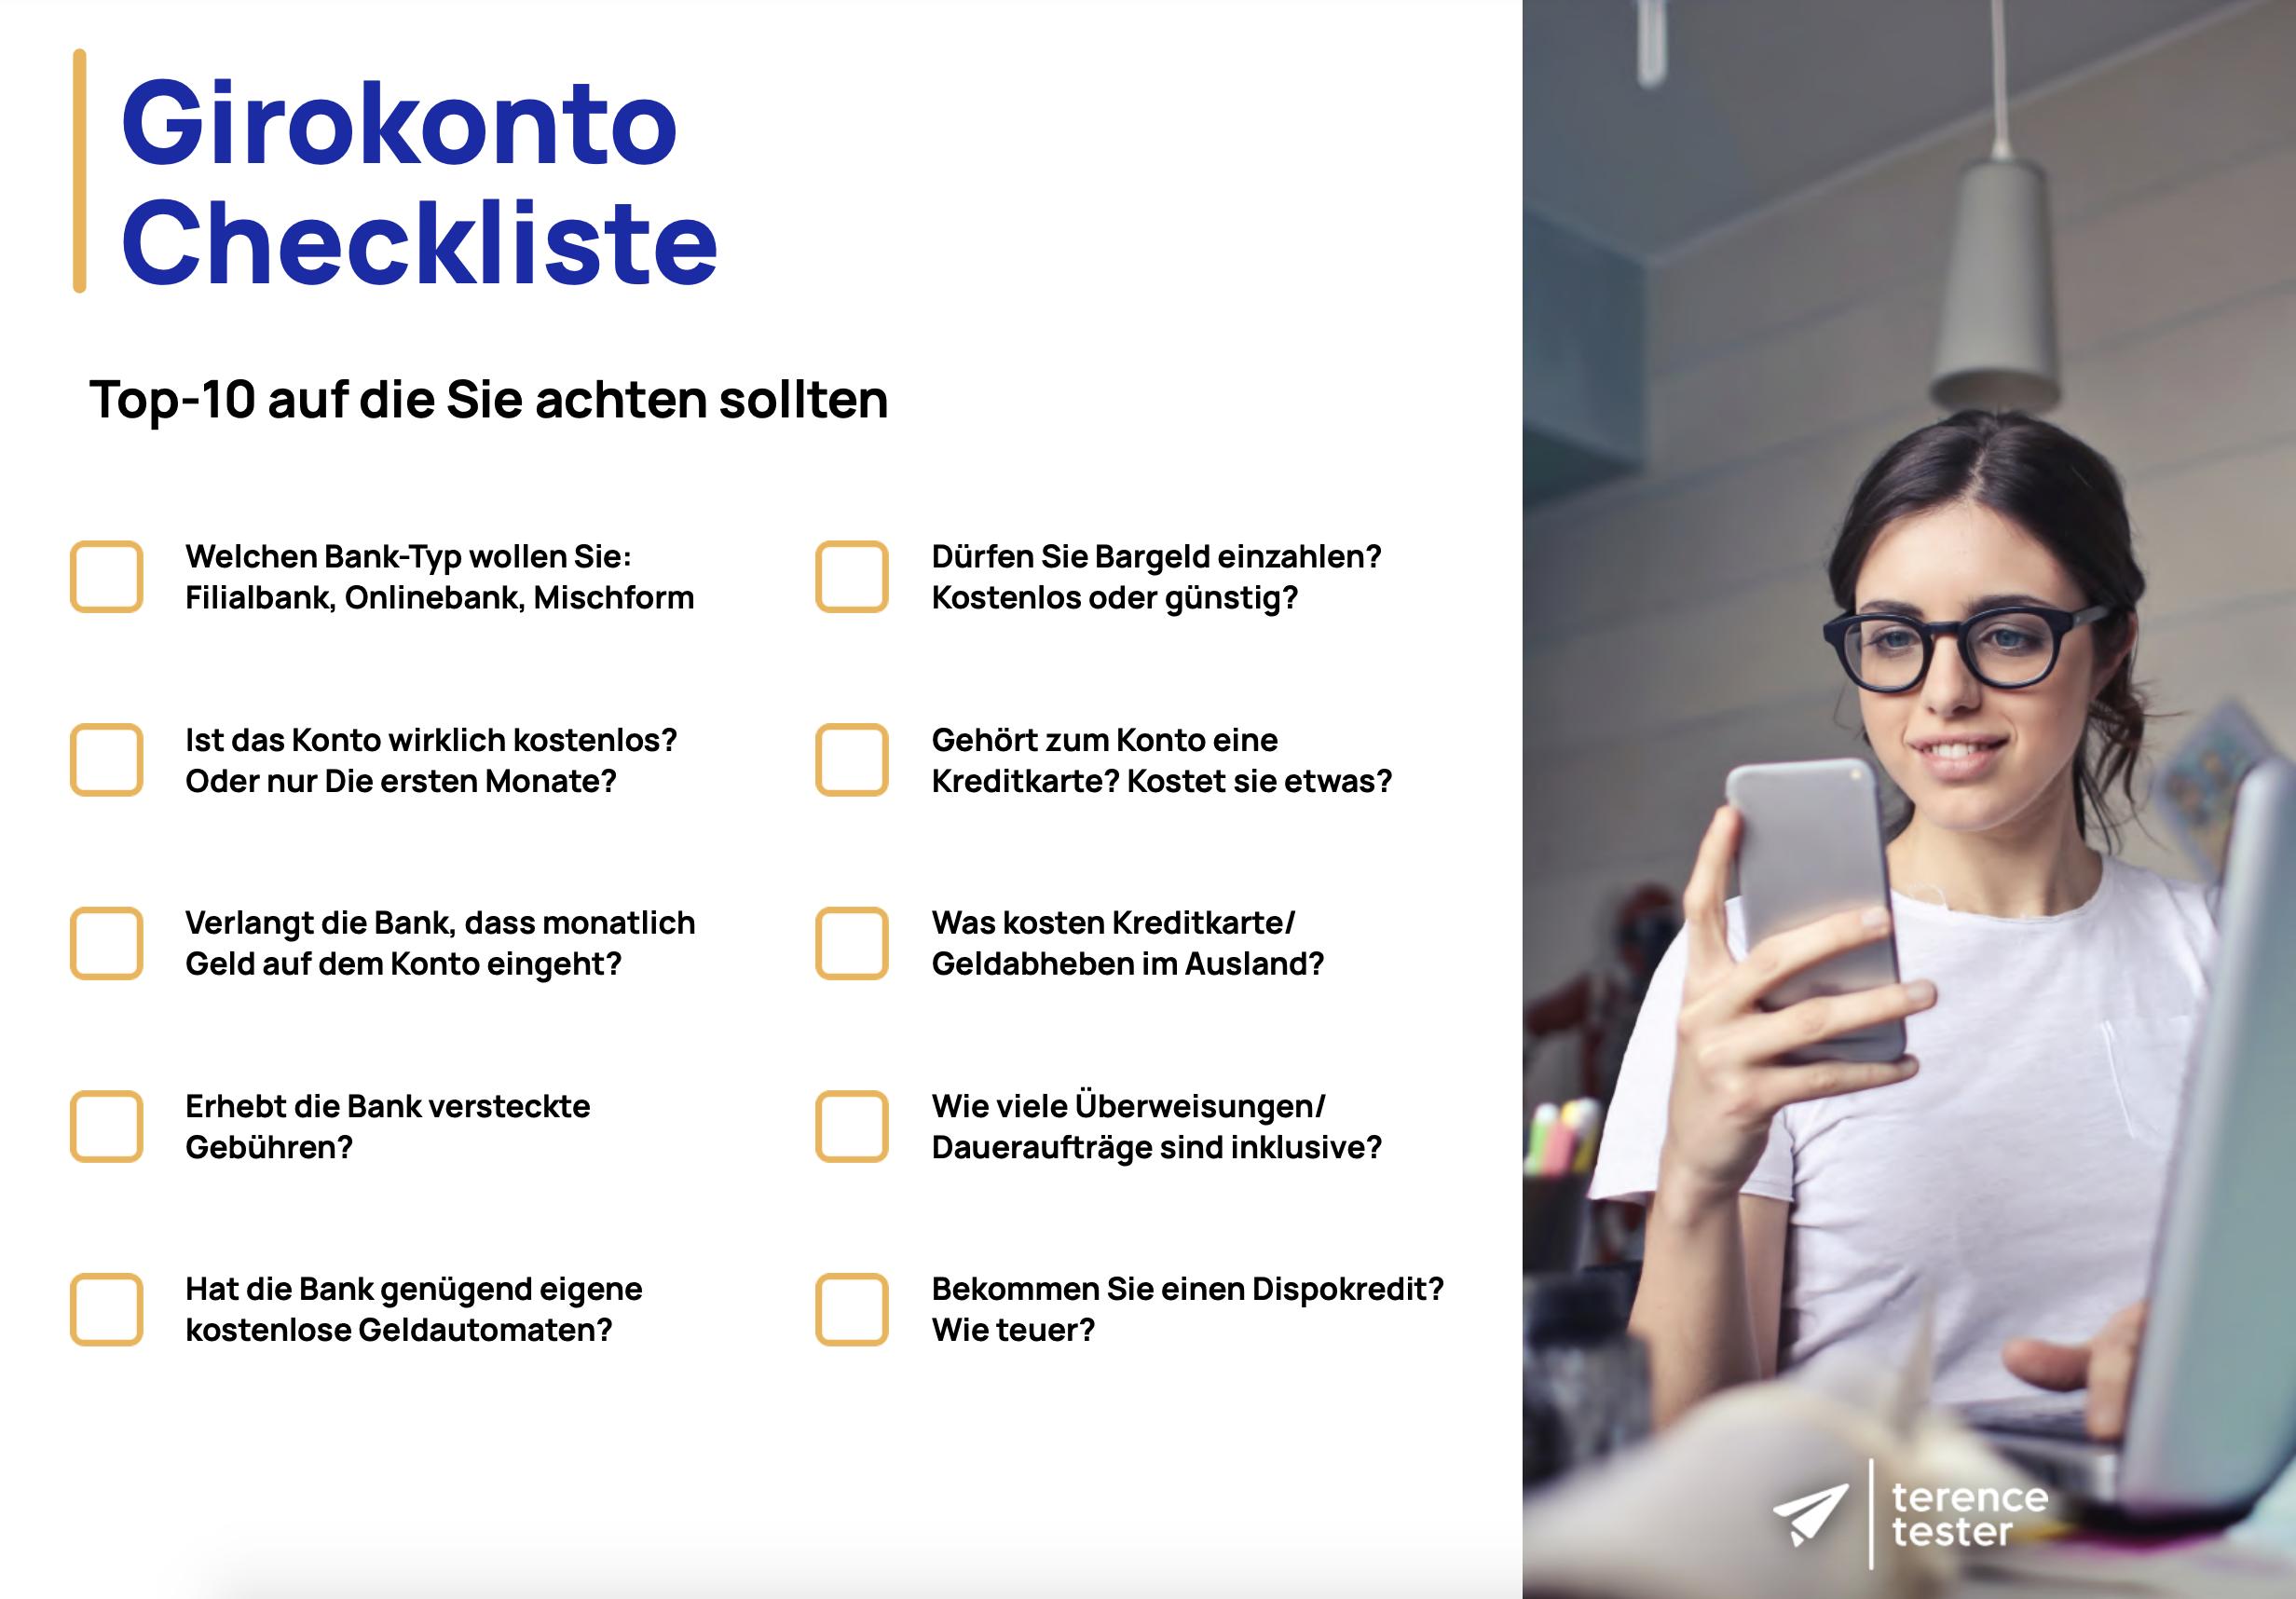 Girokonto Checkliste